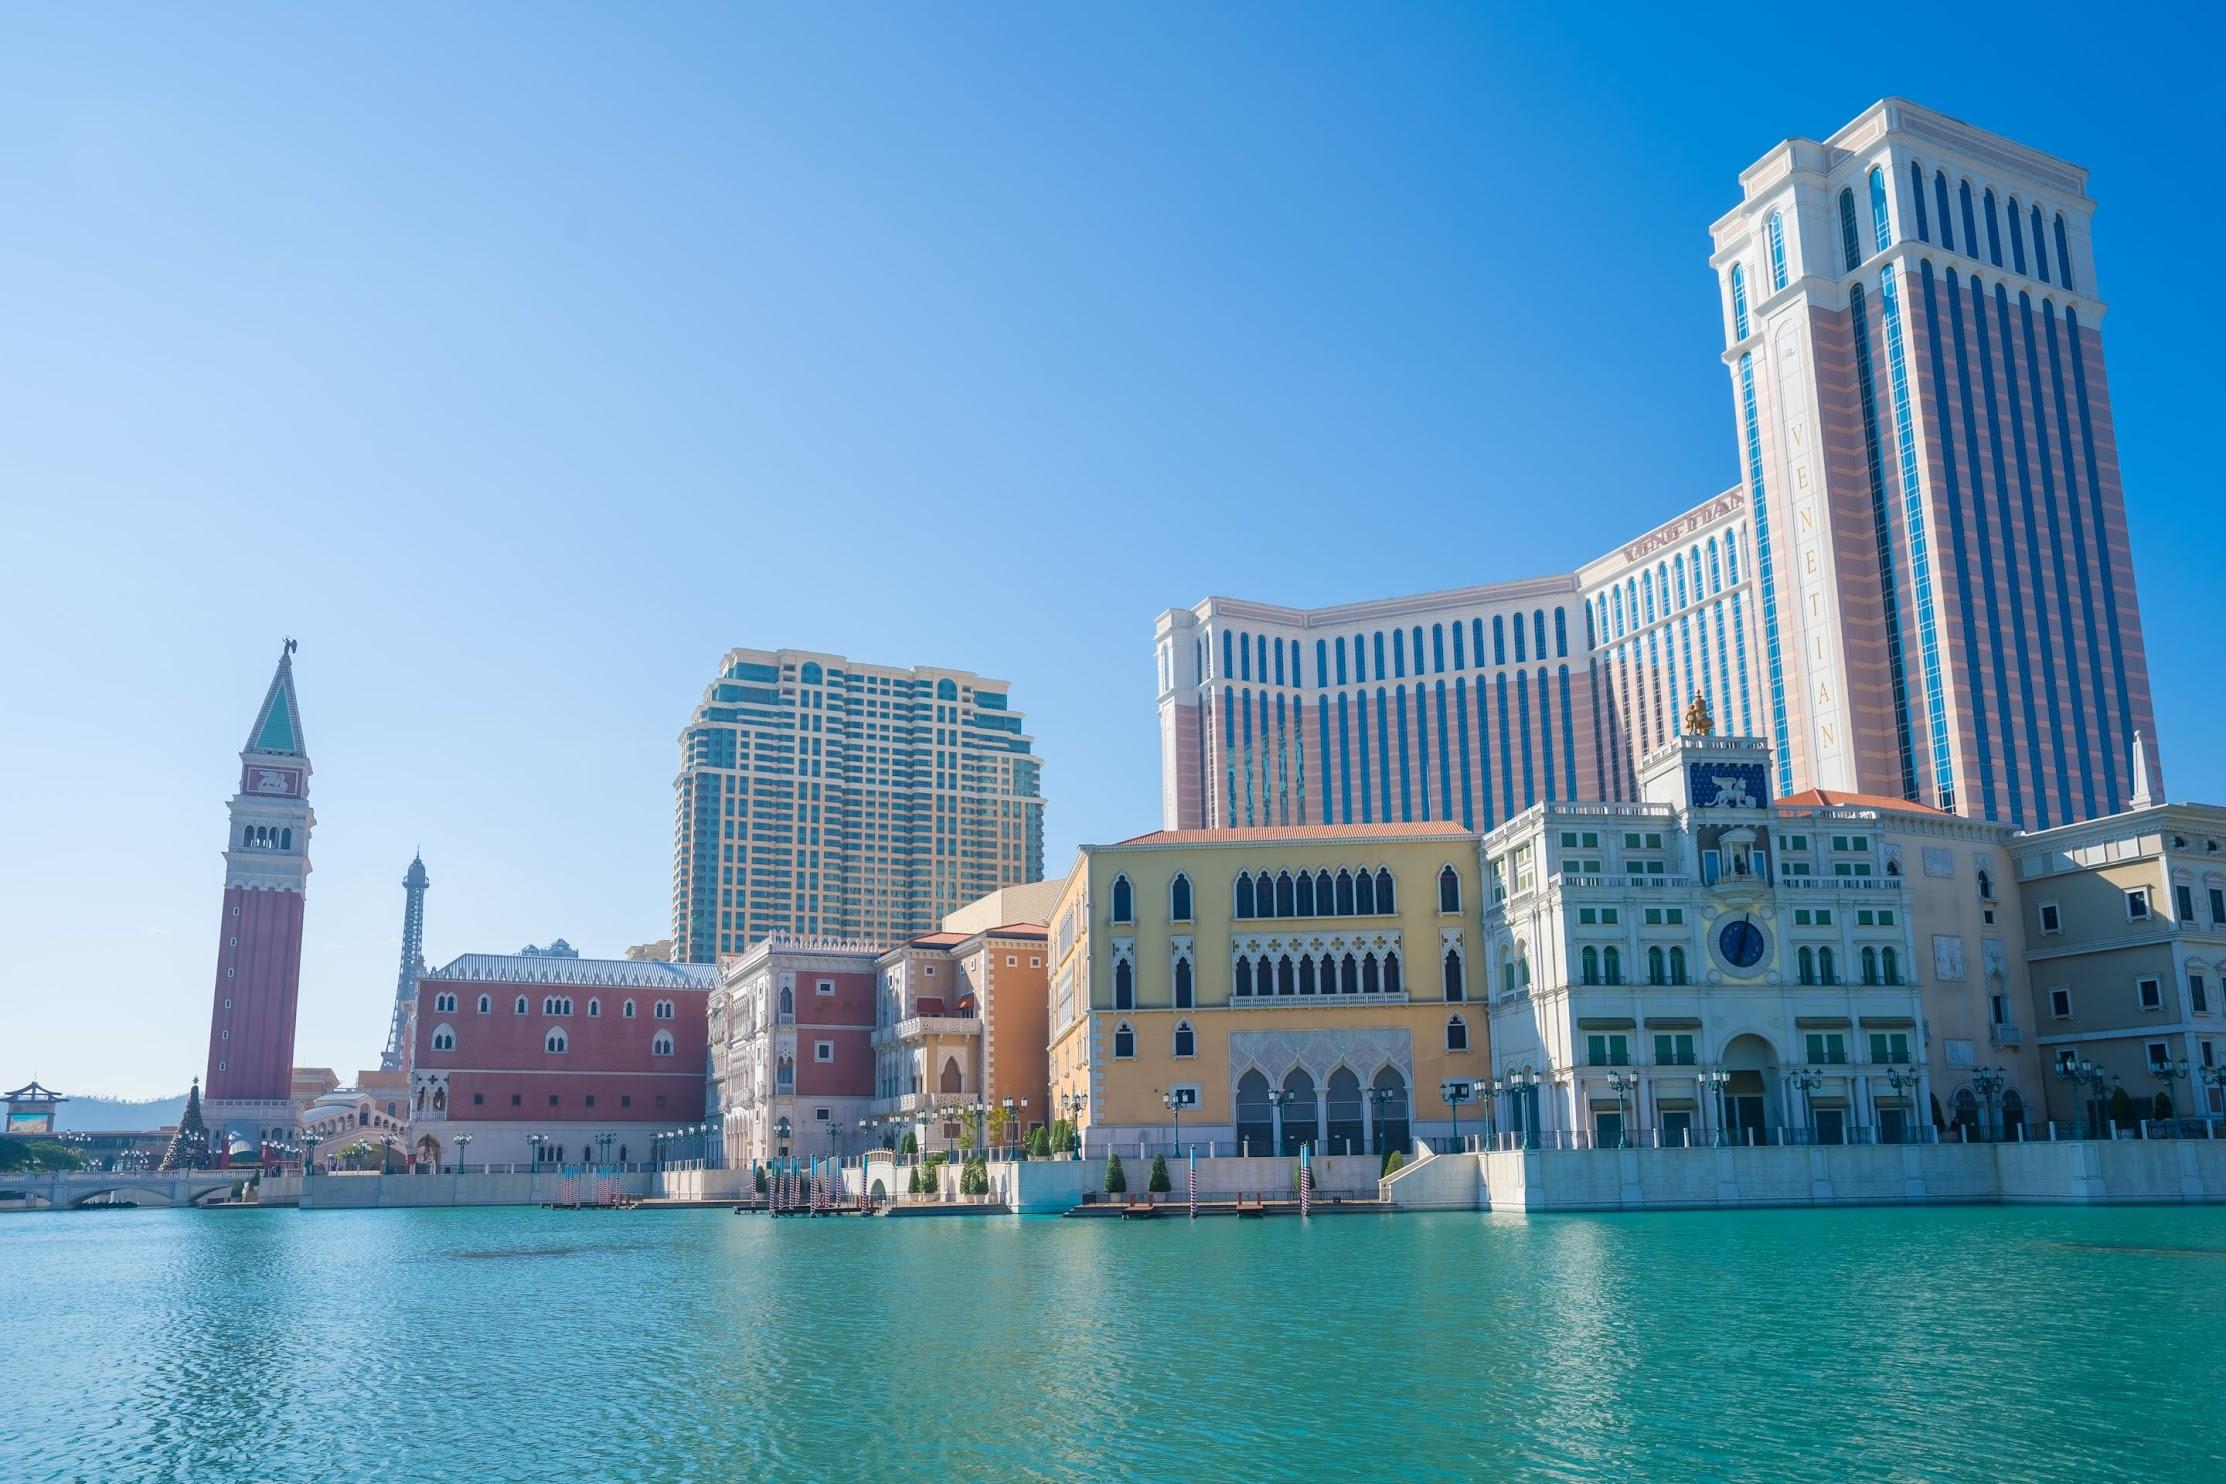 Venetian Macao1